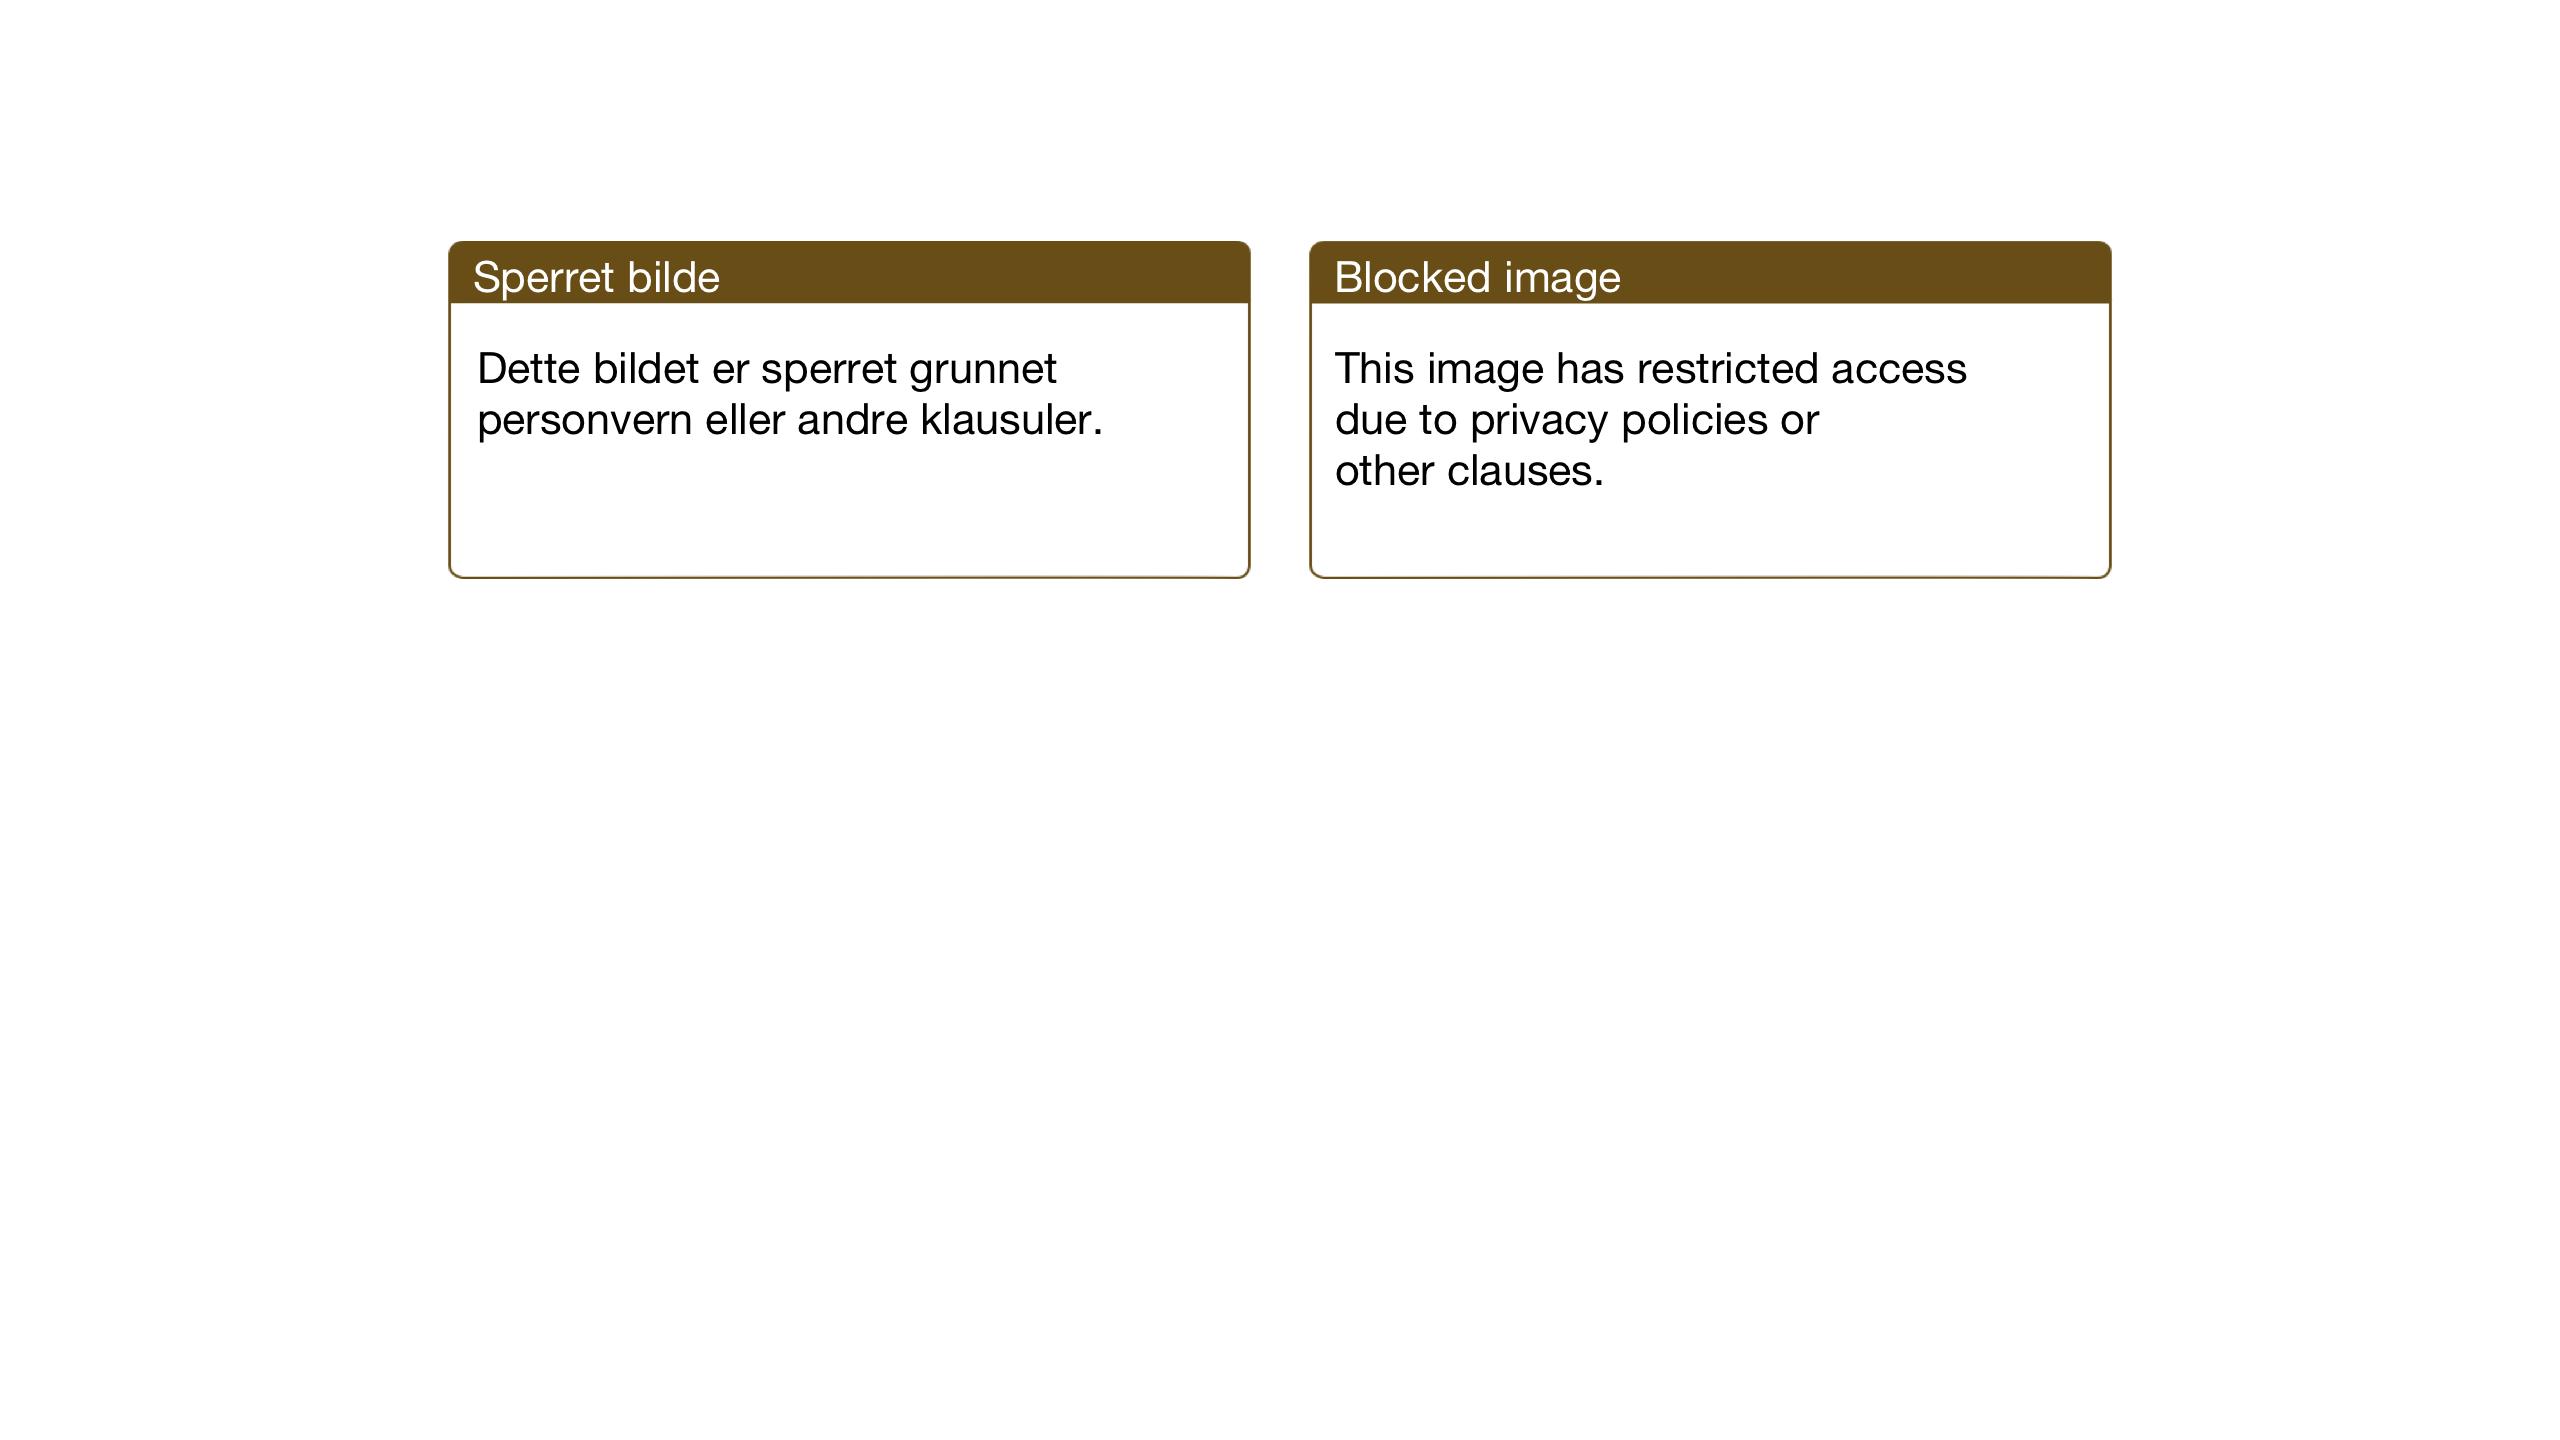 SAT, Ministerialprotokoller, klokkerbøker og fødselsregistre - Nord-Trøndelag, 773/L0625: Klokkerbok nr. 773C01, 1910-1952, s. 233